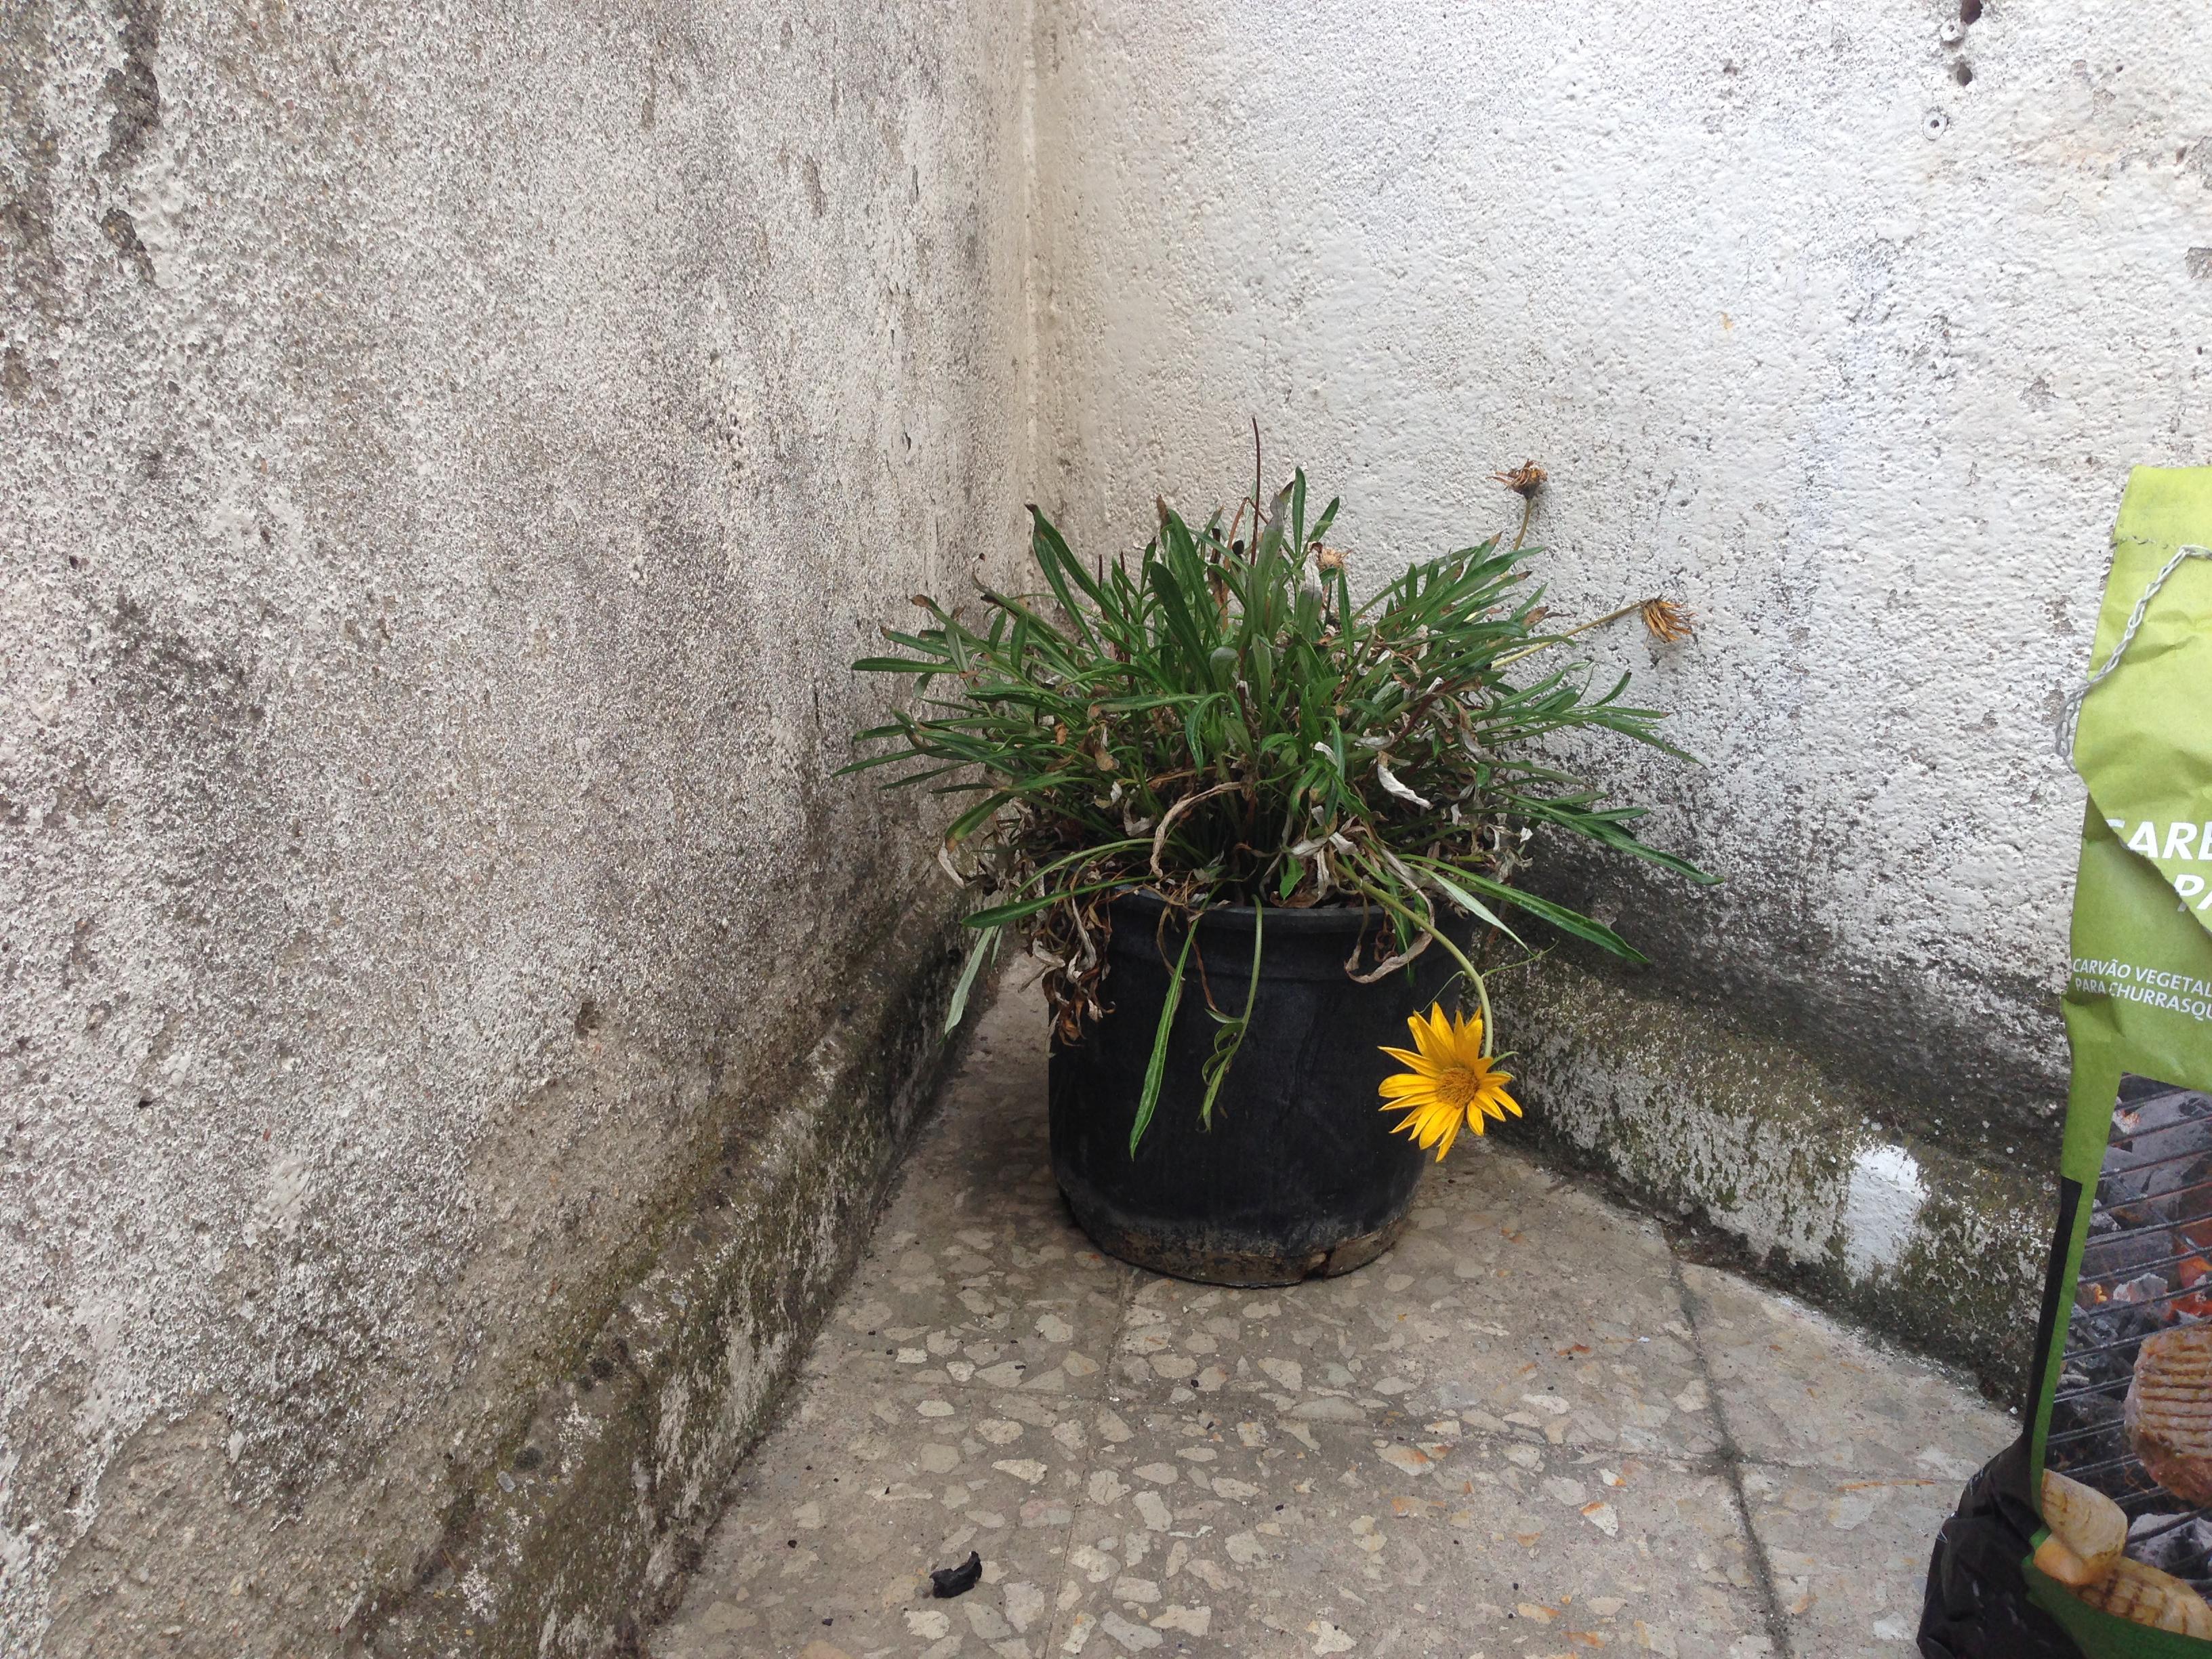 Humedades de jardines y sus problemas - Humedades en casa ...